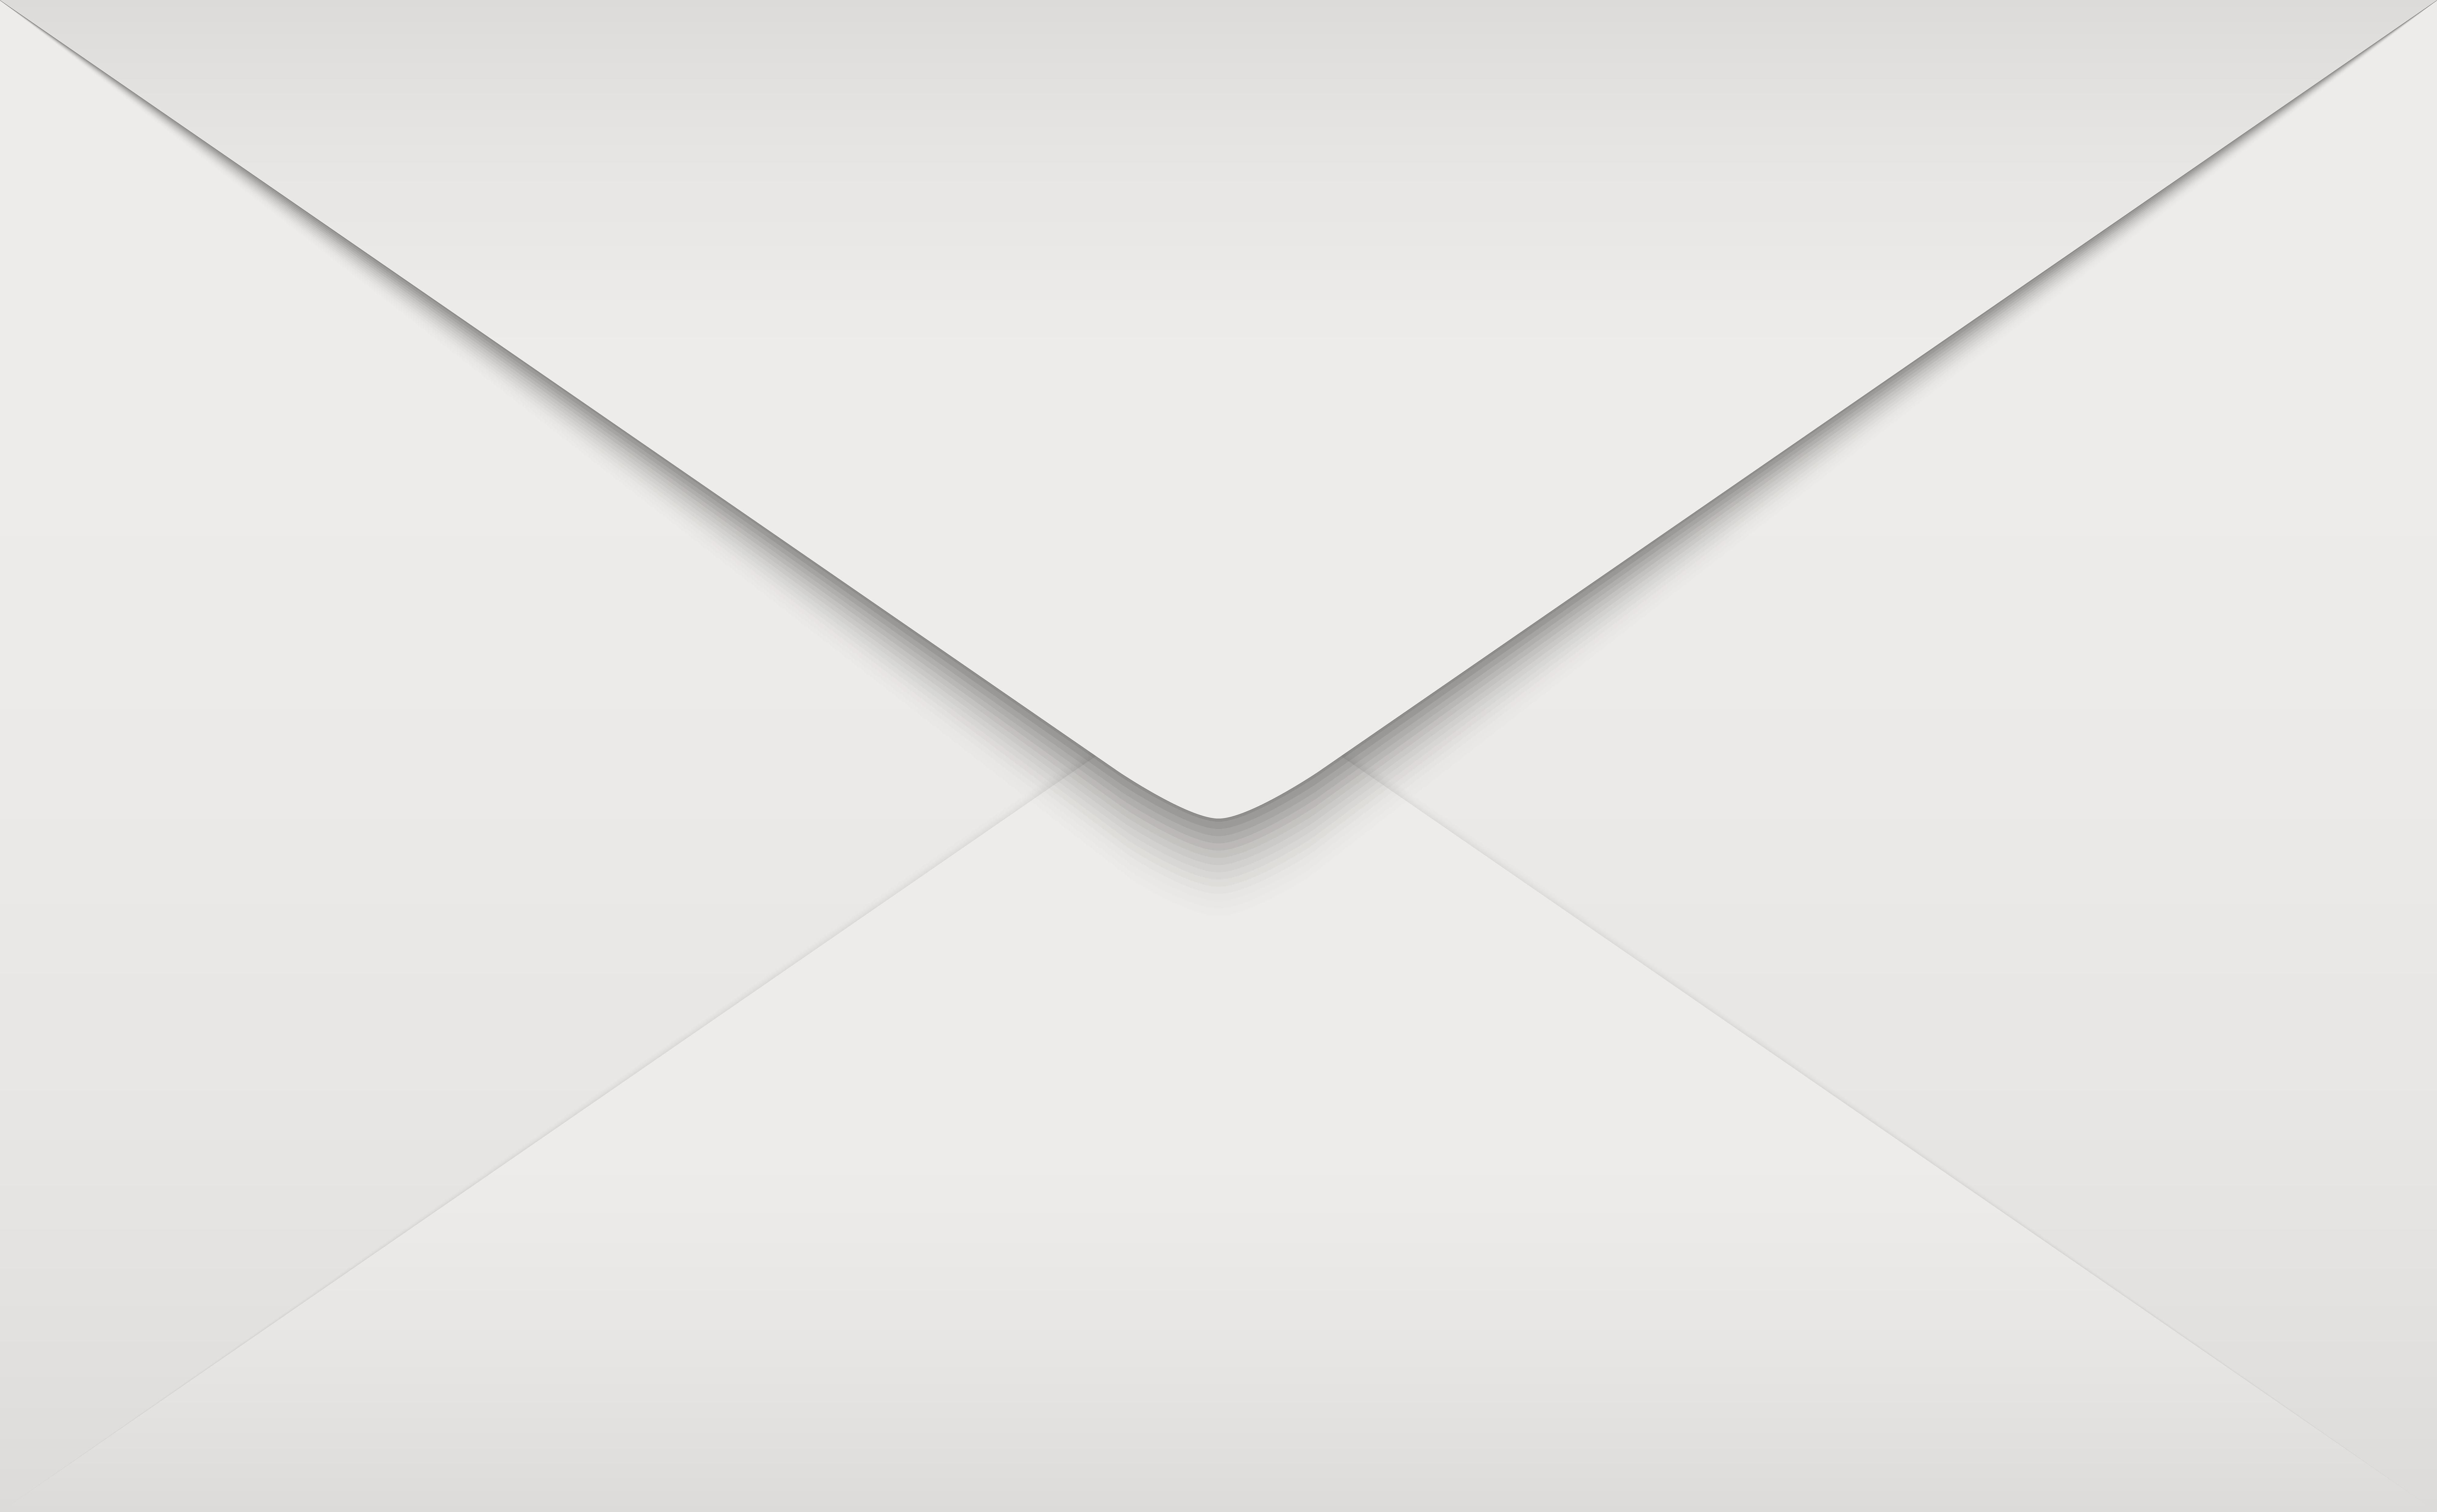 Png Of Envelope & Free Of Envelope.png Transparent Images #3800.